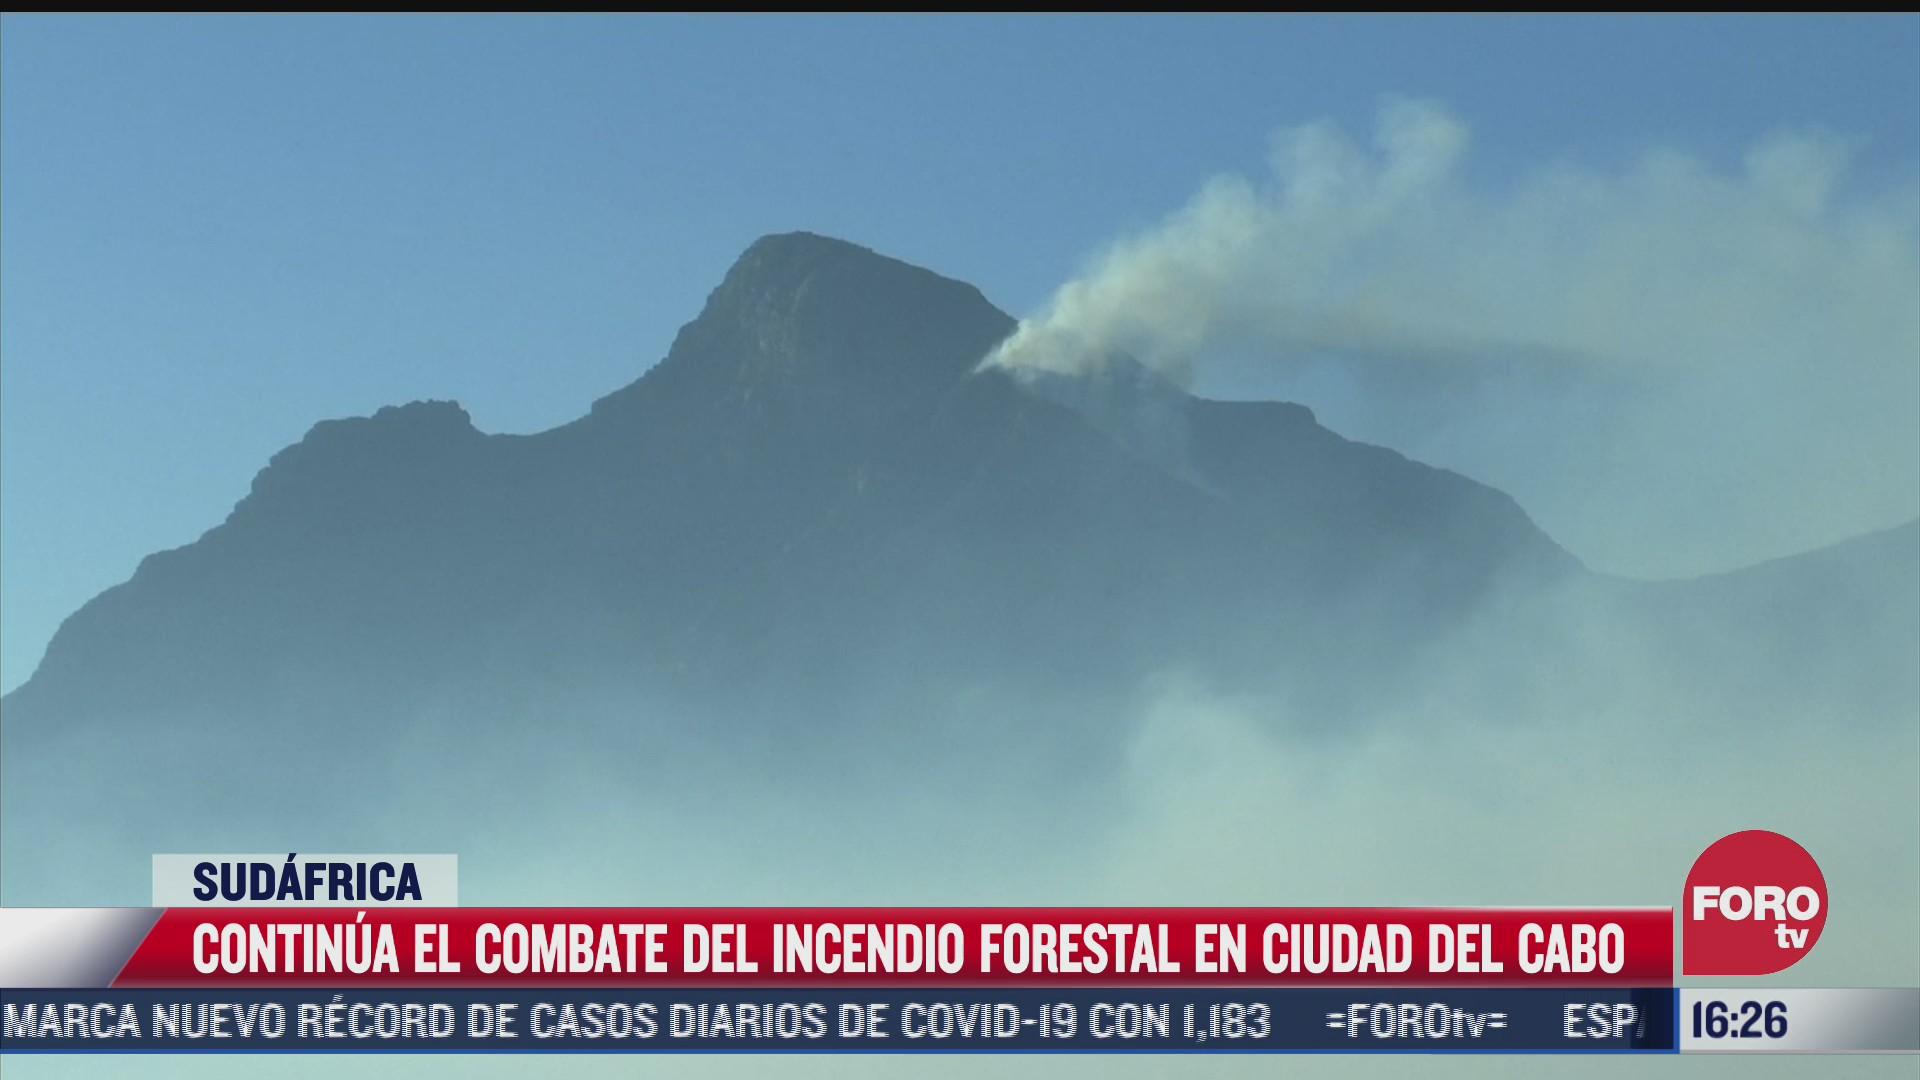 combaten incendio forestal en ciudad del cabo sudafrica